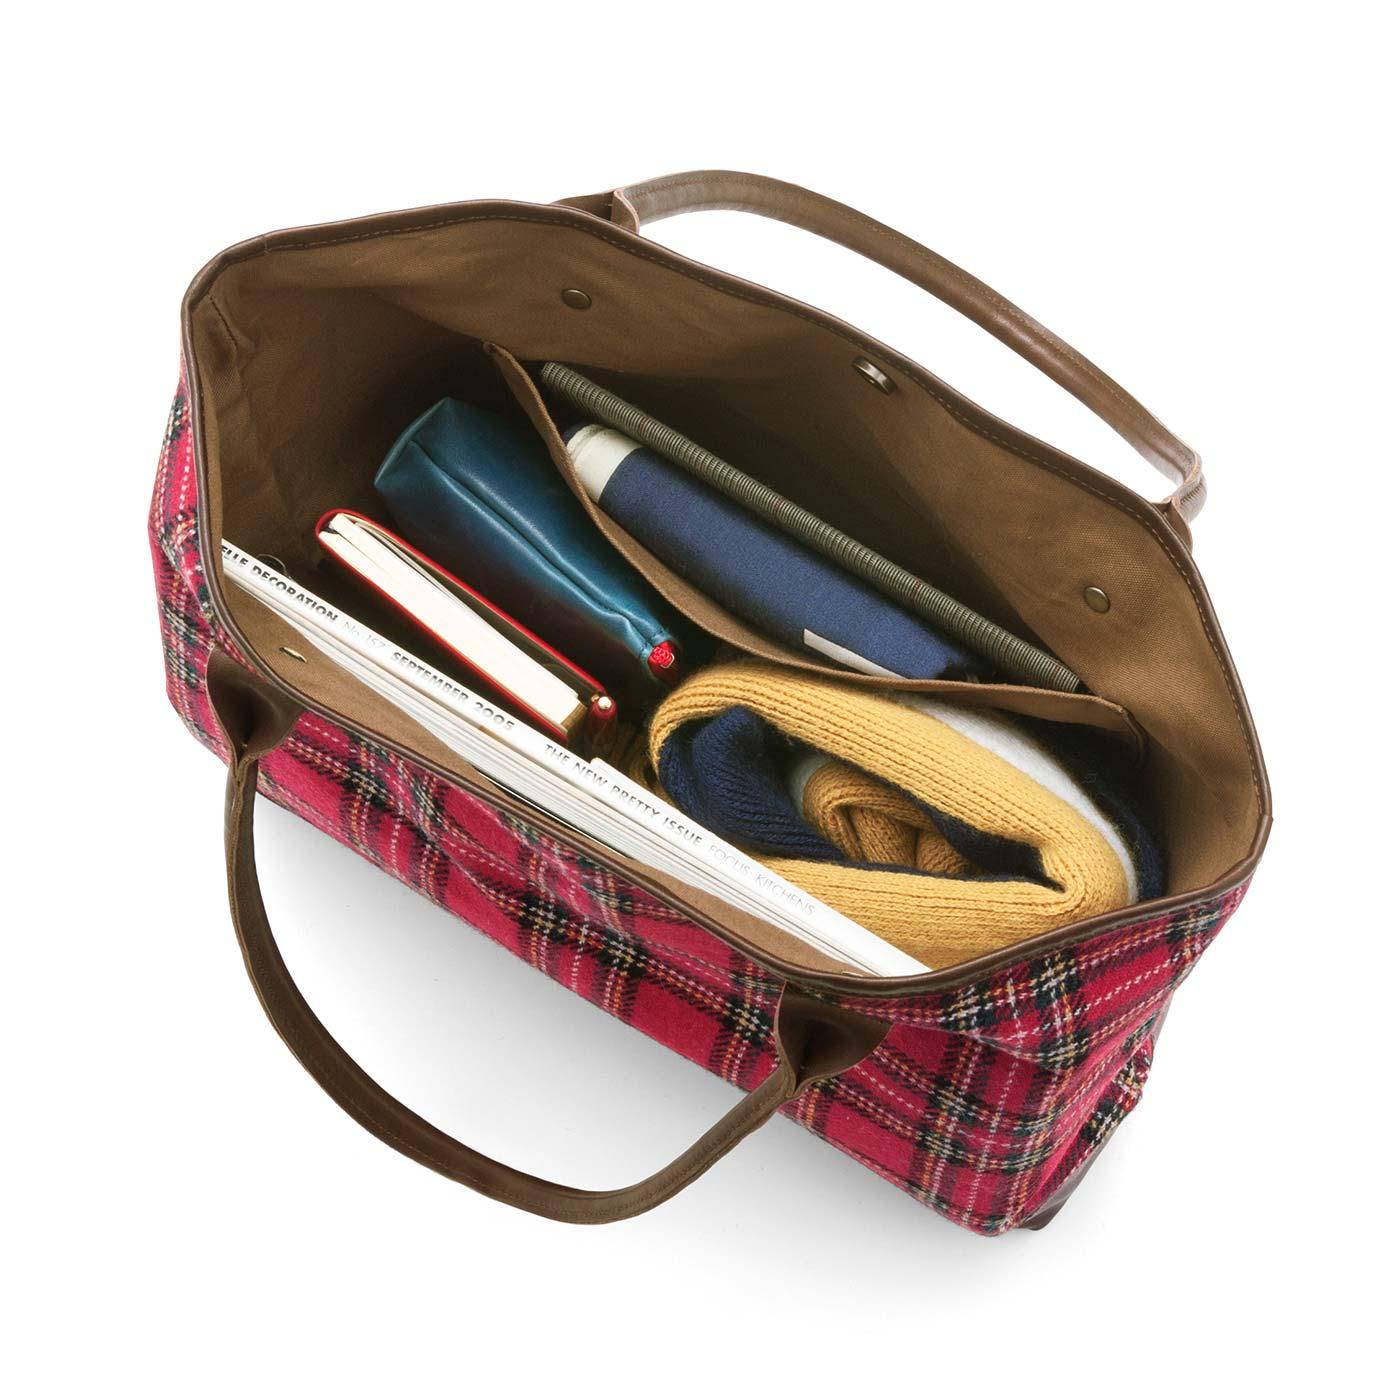 A4ファイルや折りたたみ傘なども収納できる使い勝手のよいサイズ。